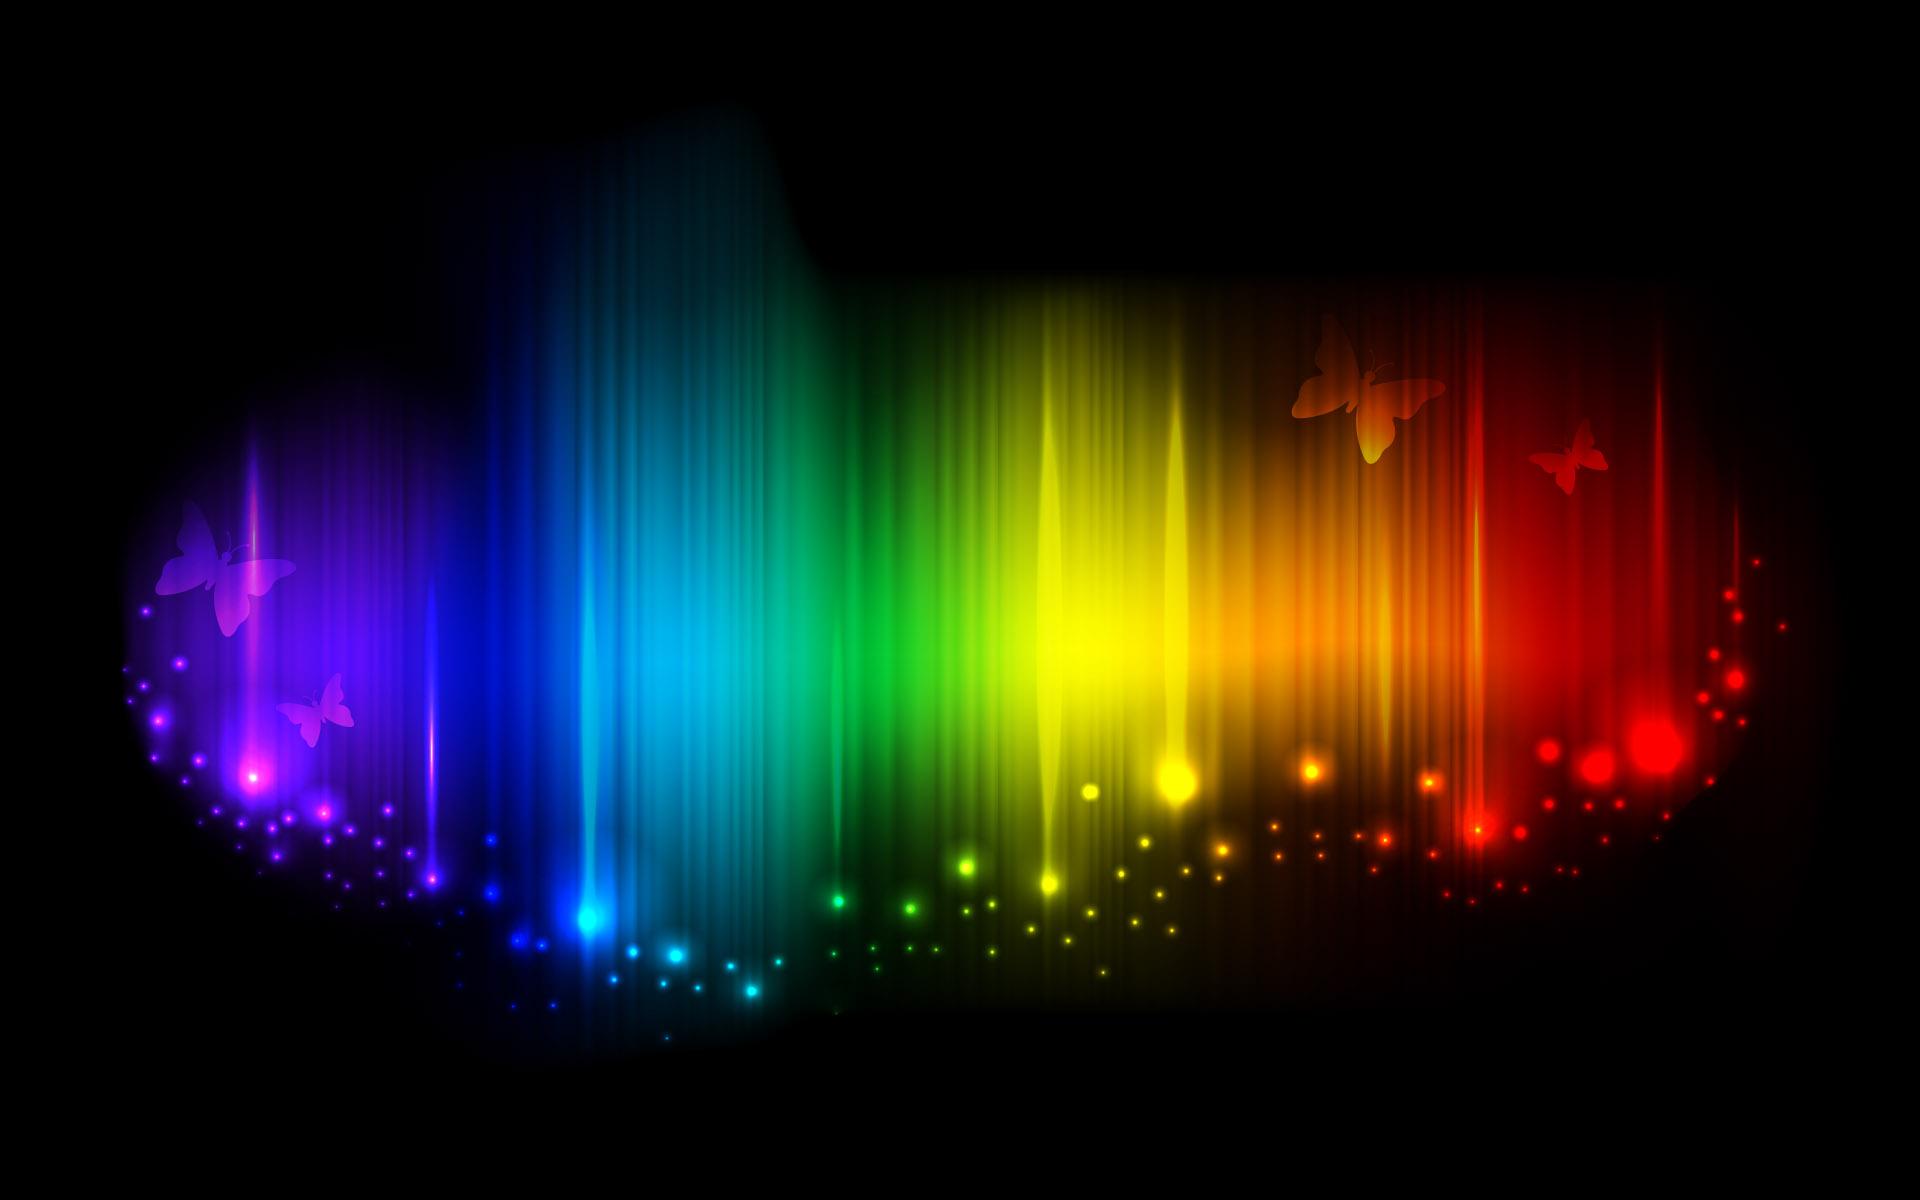 радужный свет на черном фоне, скачать фото, обои для рабочего стола, радуга